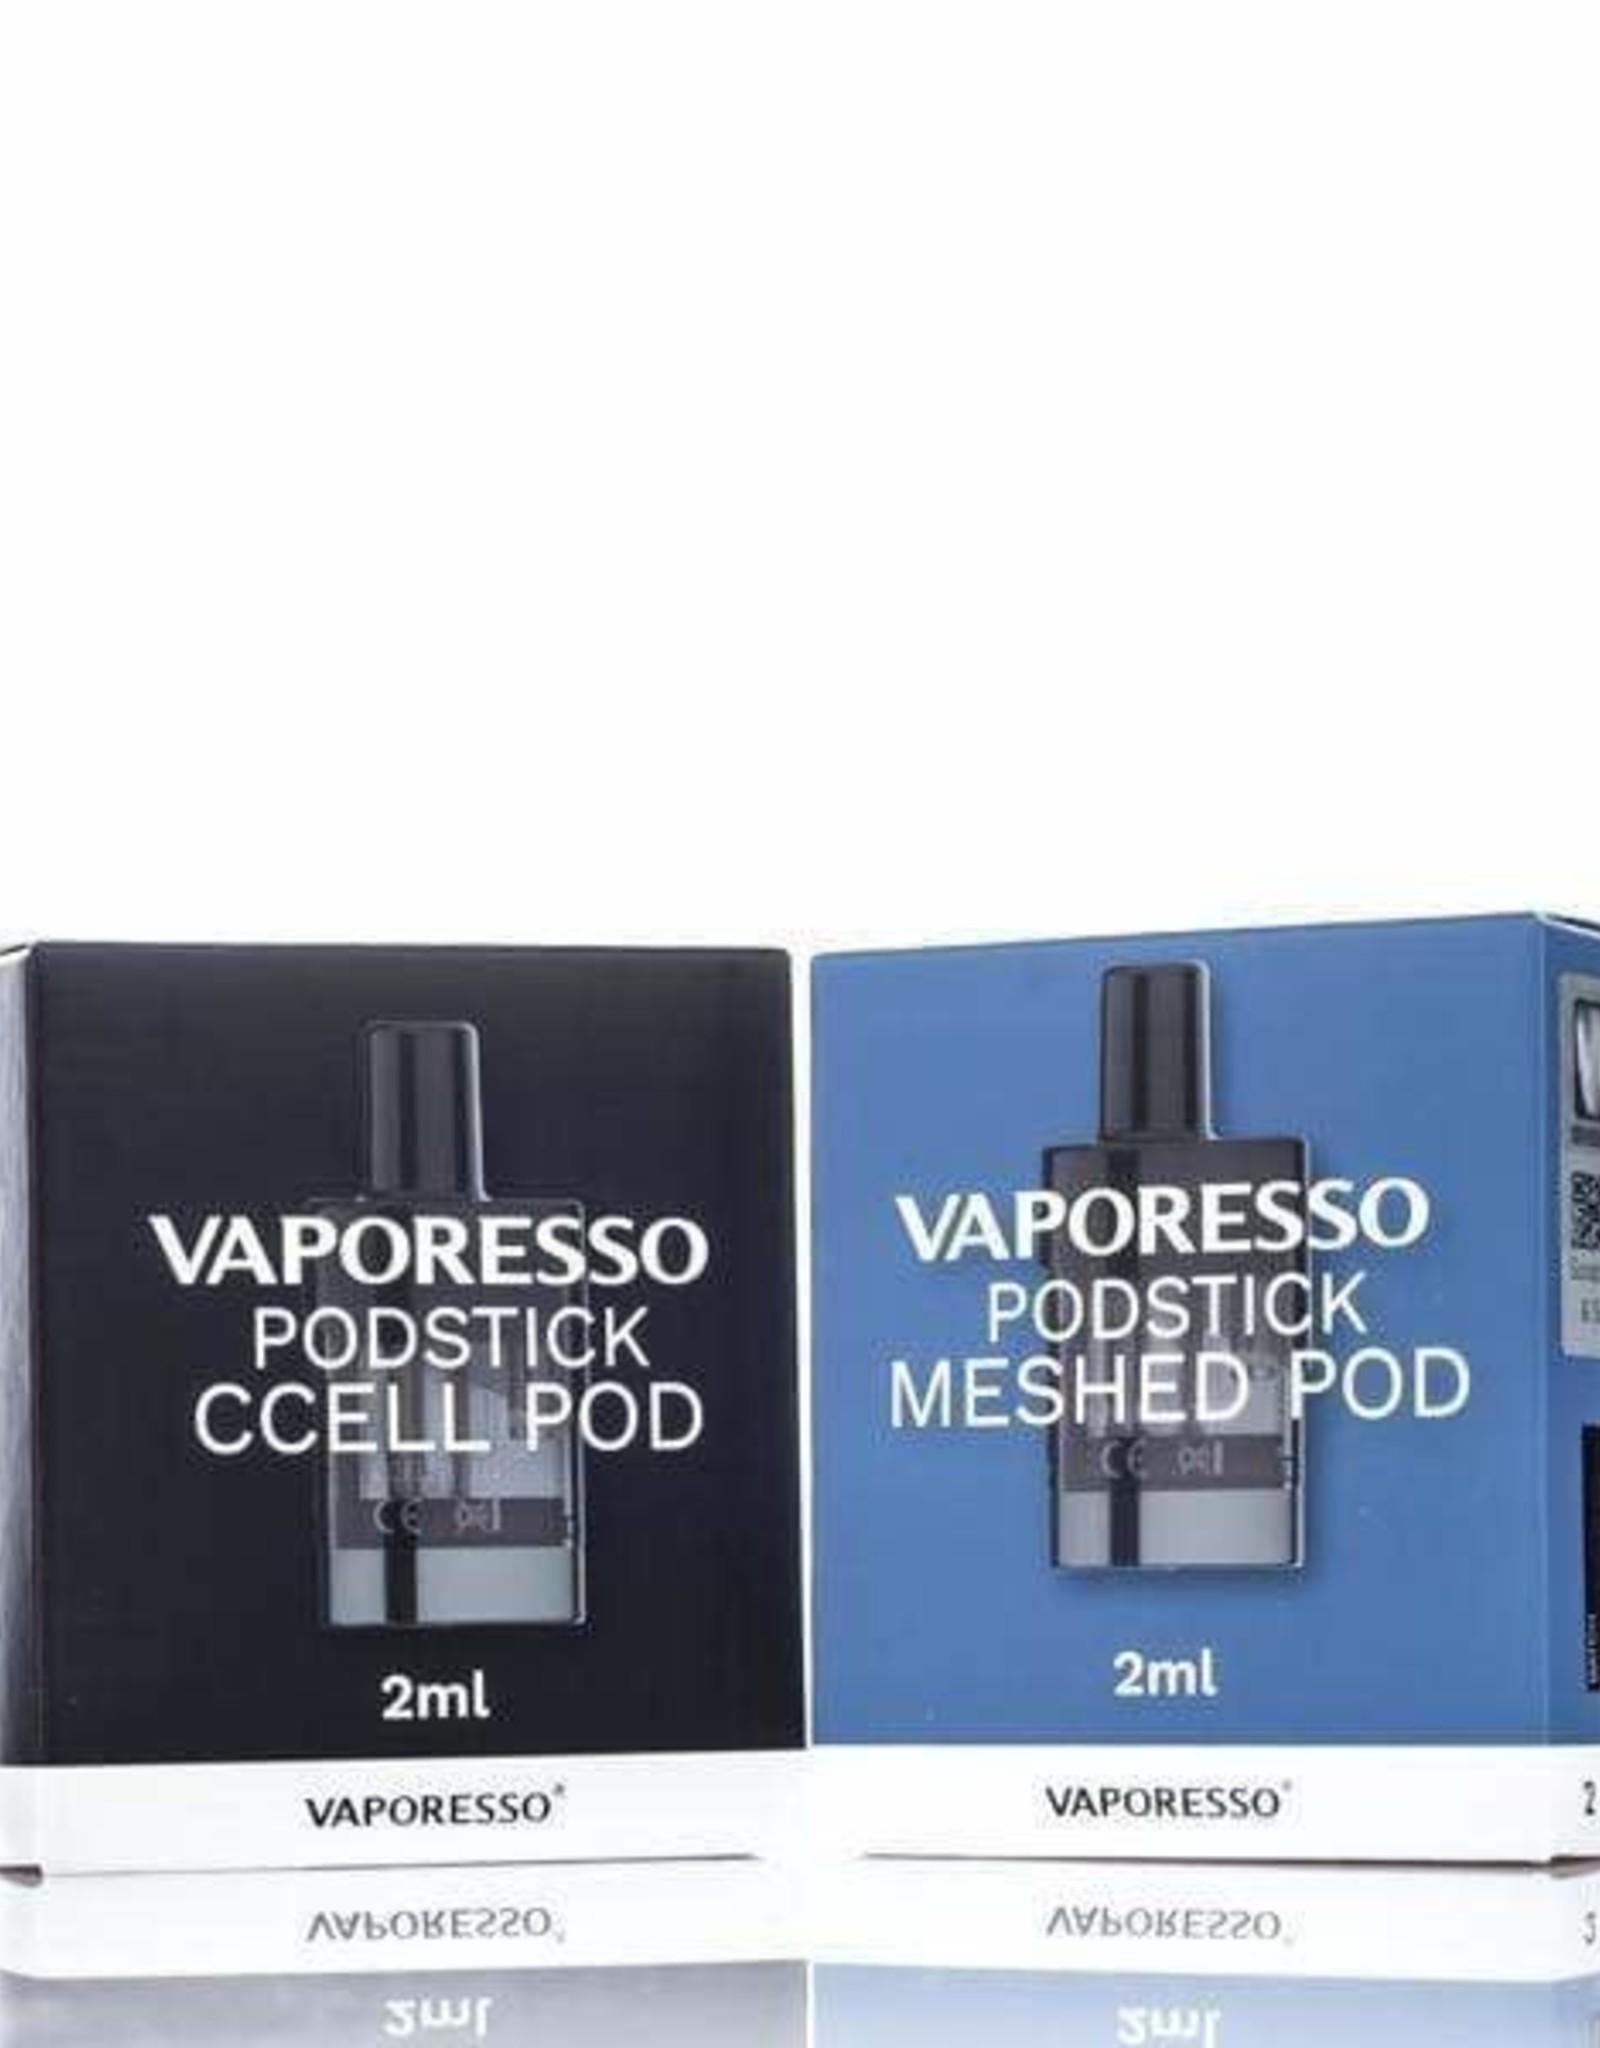 Vaporesso Vaporesso PodStick PODs